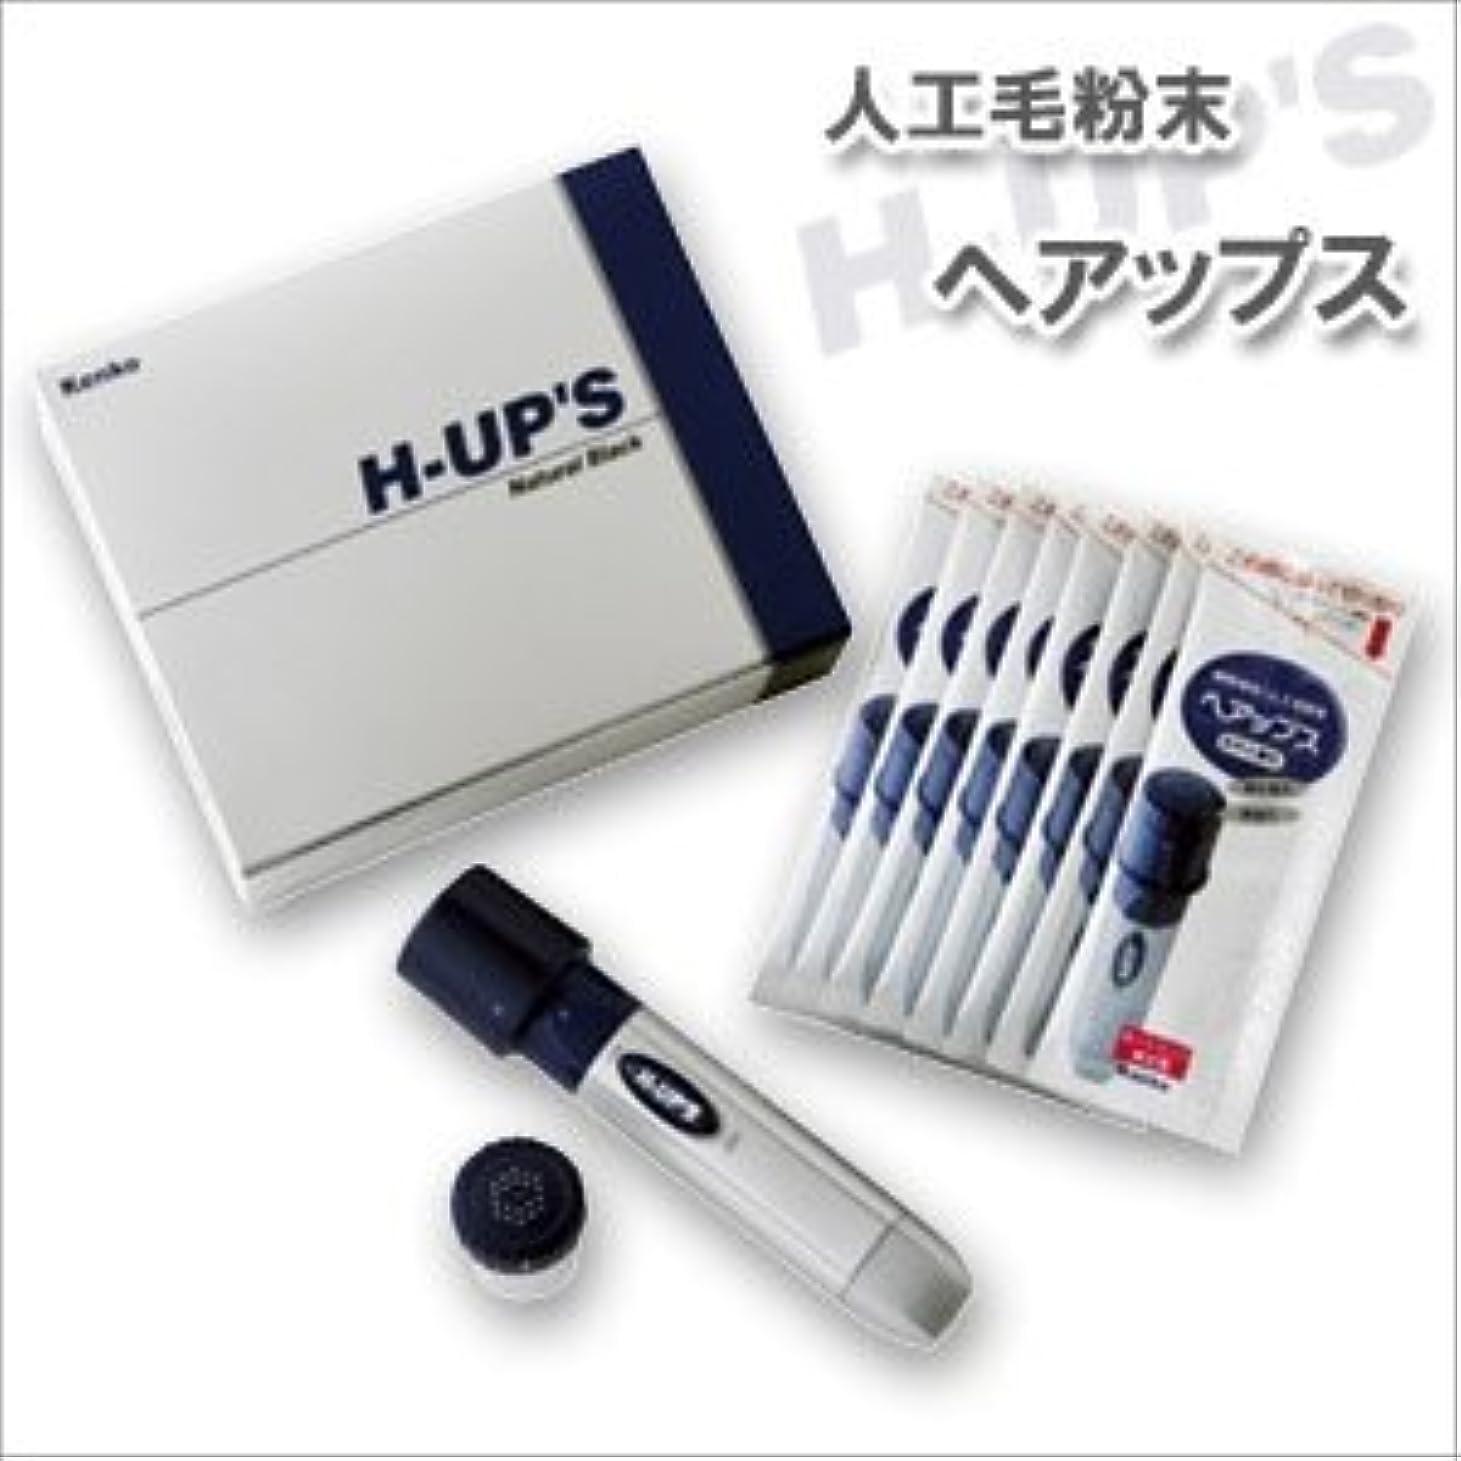 マーケティングアストロラーベハウスH-UP S ヘアップス 電動散布器本体 プラス 補充用カートリッジ 頭皮薄毛カバー粉末 ブラック